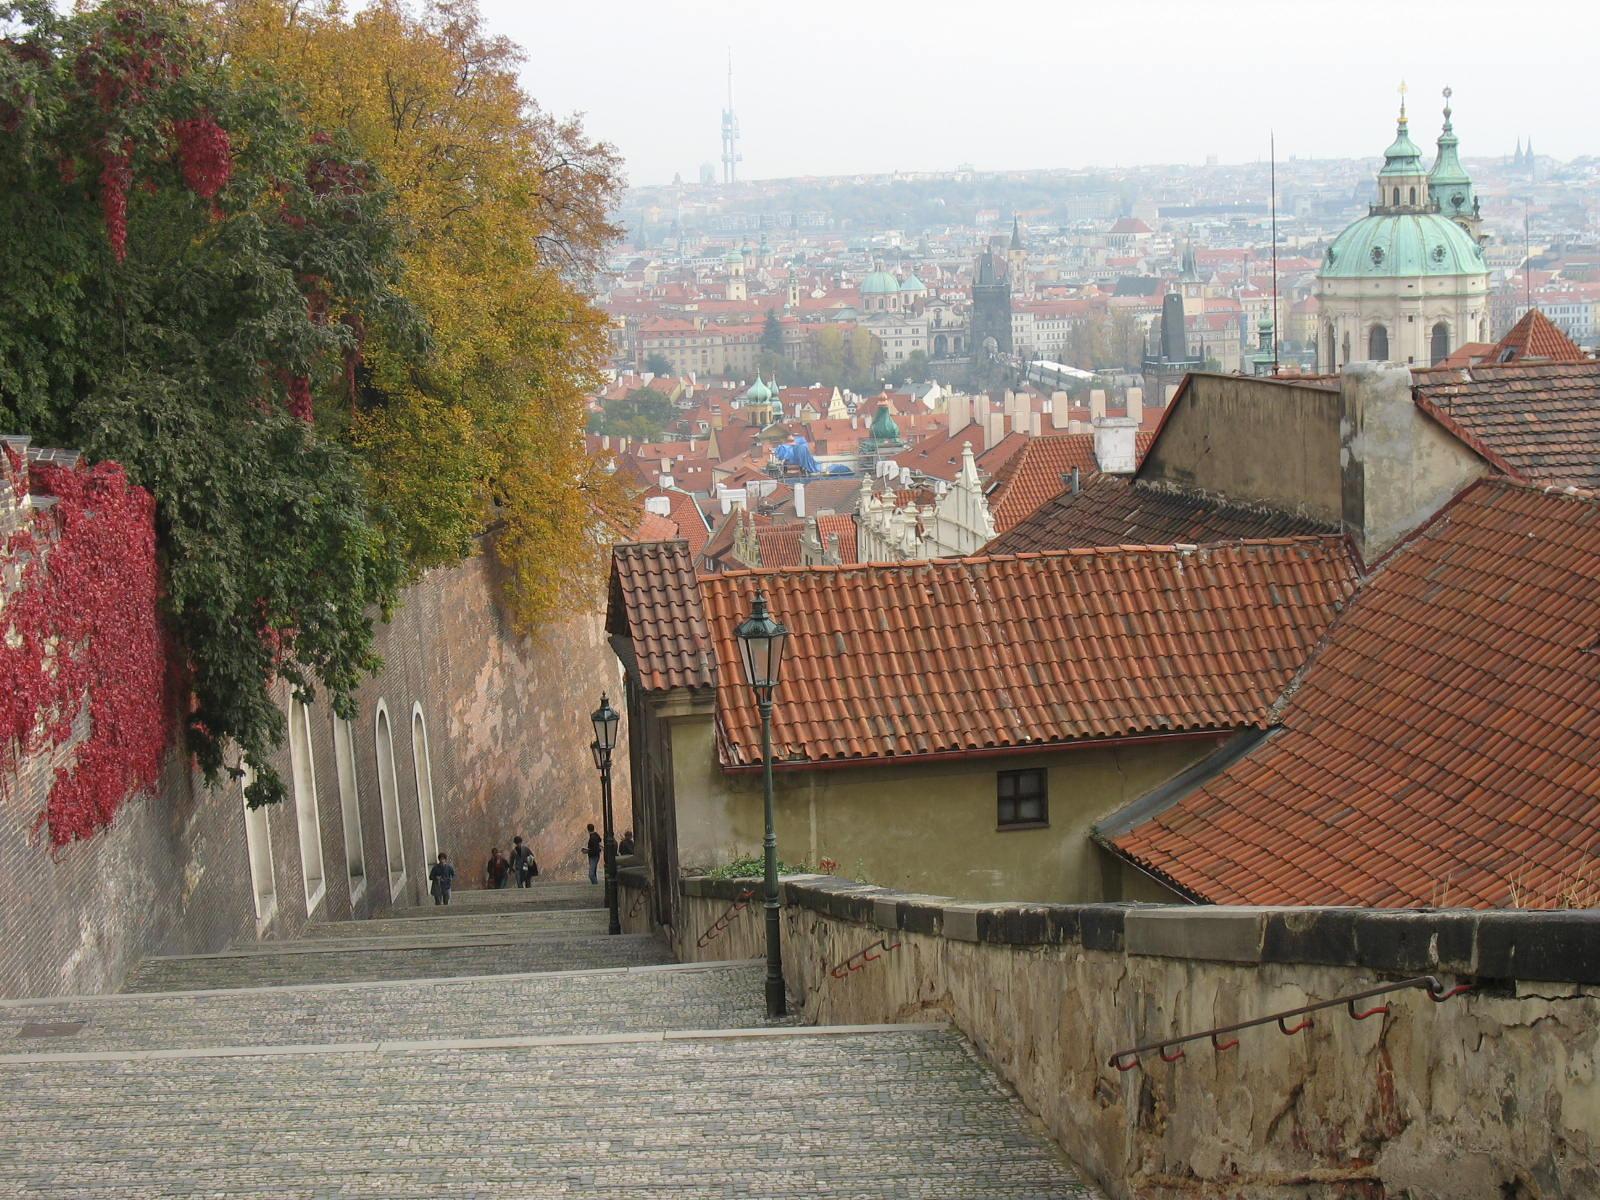 Градчаны, вид на Прагу